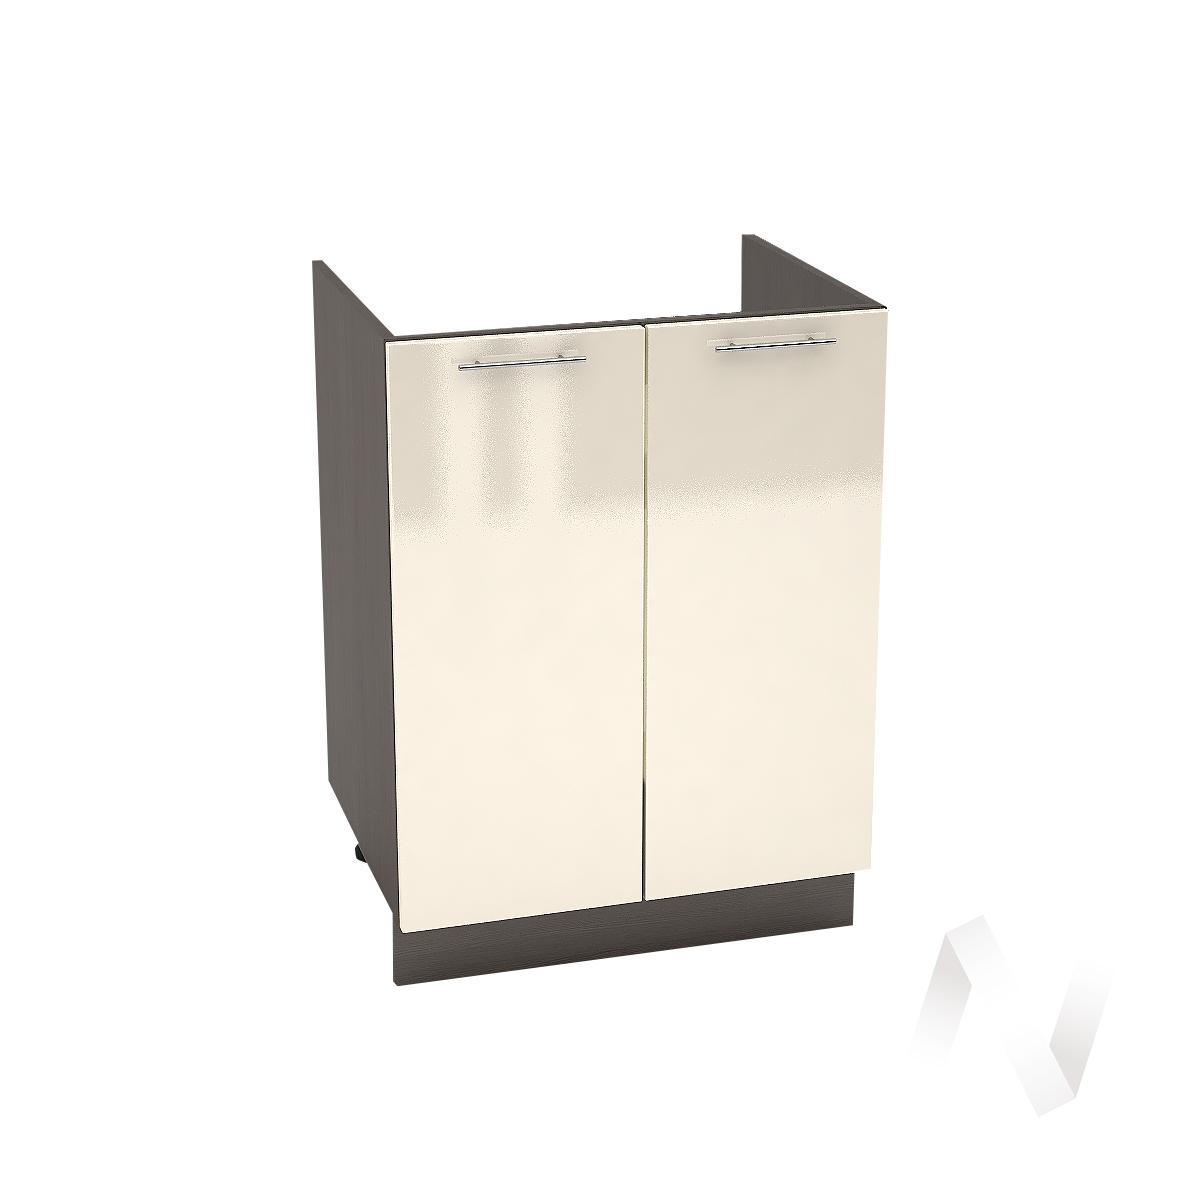 """Кухня """"Валерия-М"""": Шкаф нижний под мойку 600, ШНМ 600 новый (Ваниль глянец/корпус венге)"""